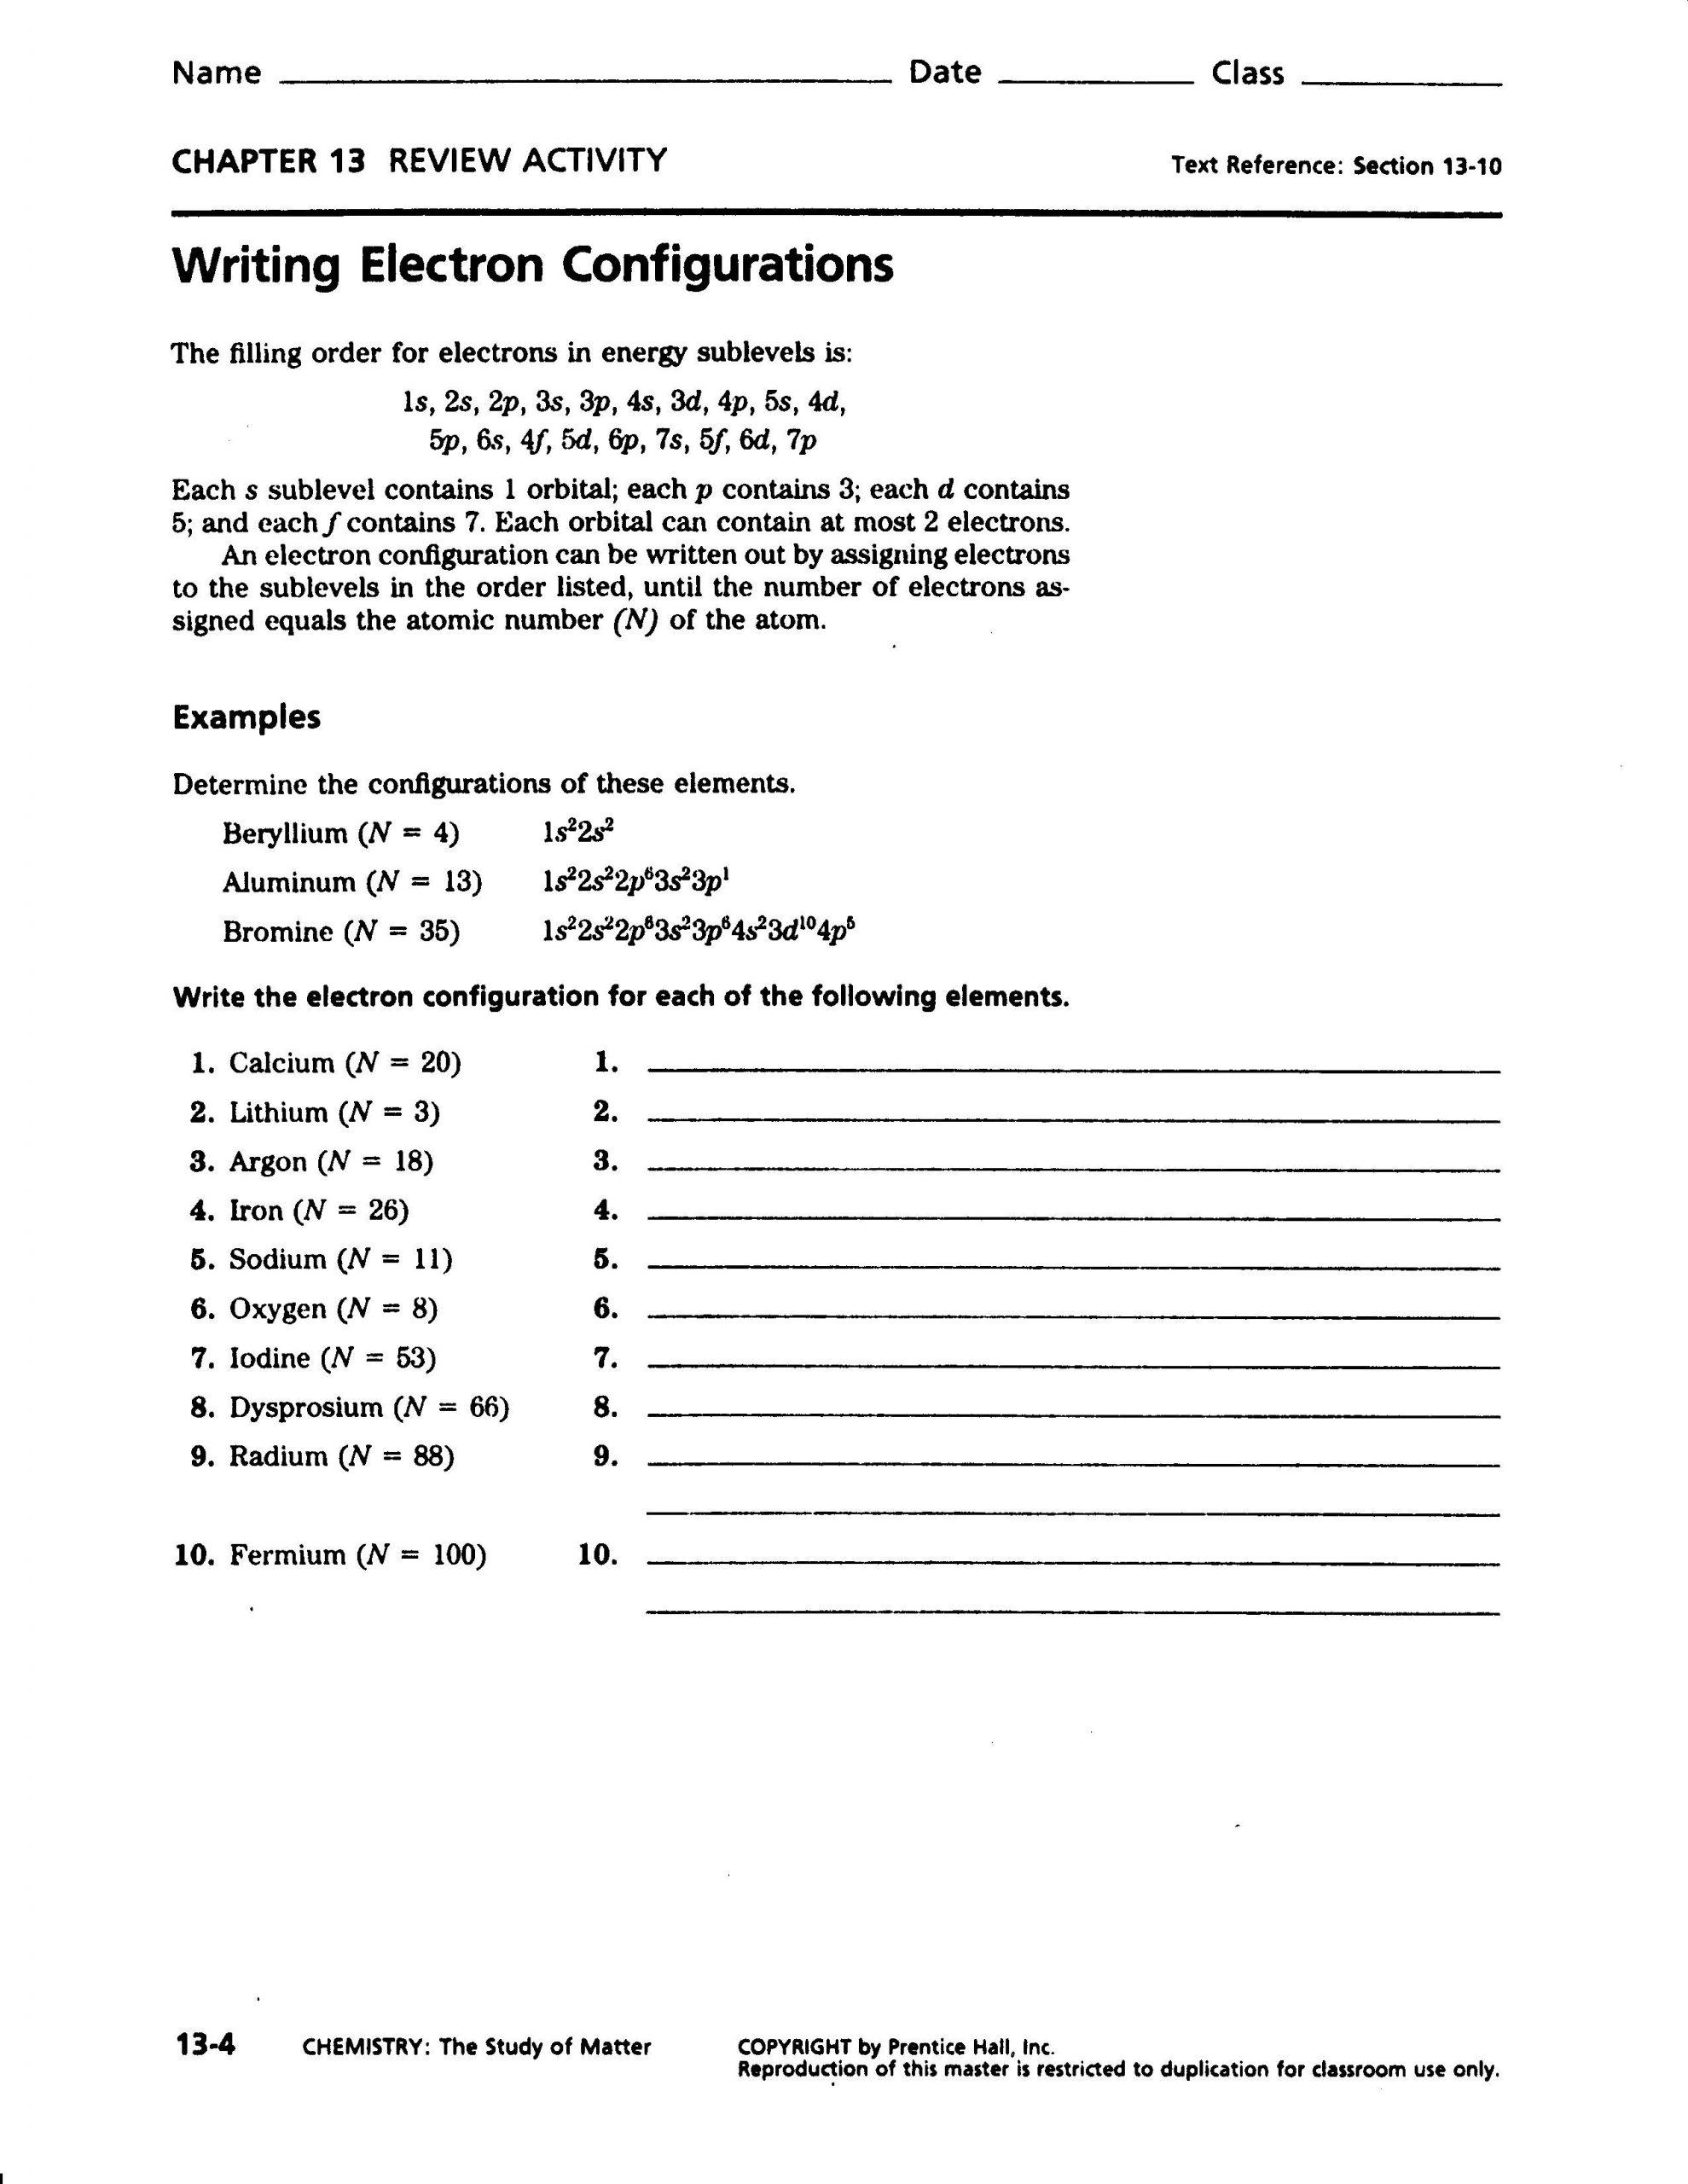 Electron Configuration Worksheet Answer Key Electron Configuration Worksheet Answers Part A Worksheets